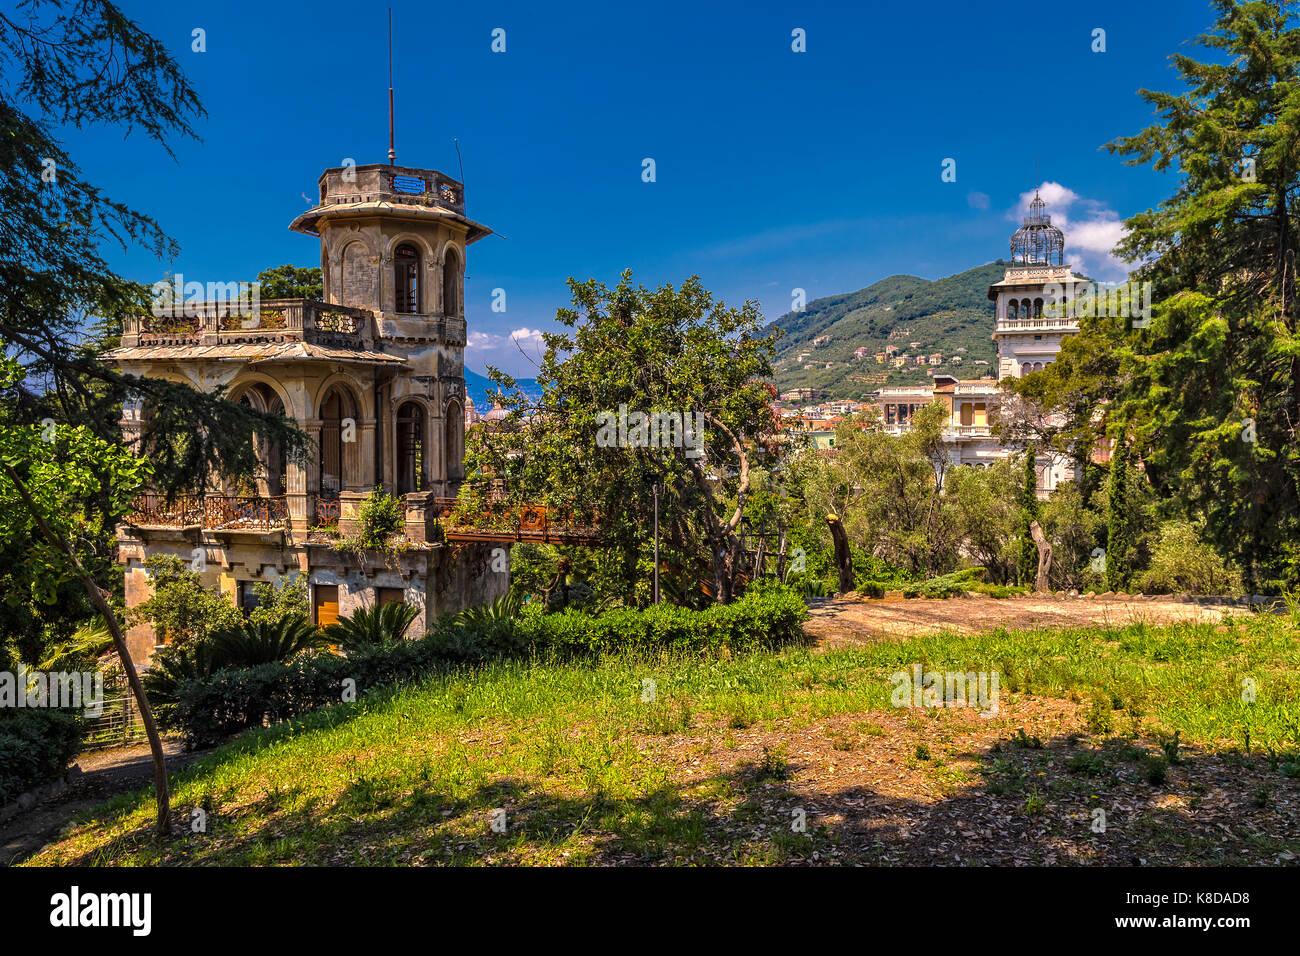 L Arte Di Salire Chiavari la provincia di genova stock photos & la provincia di genova